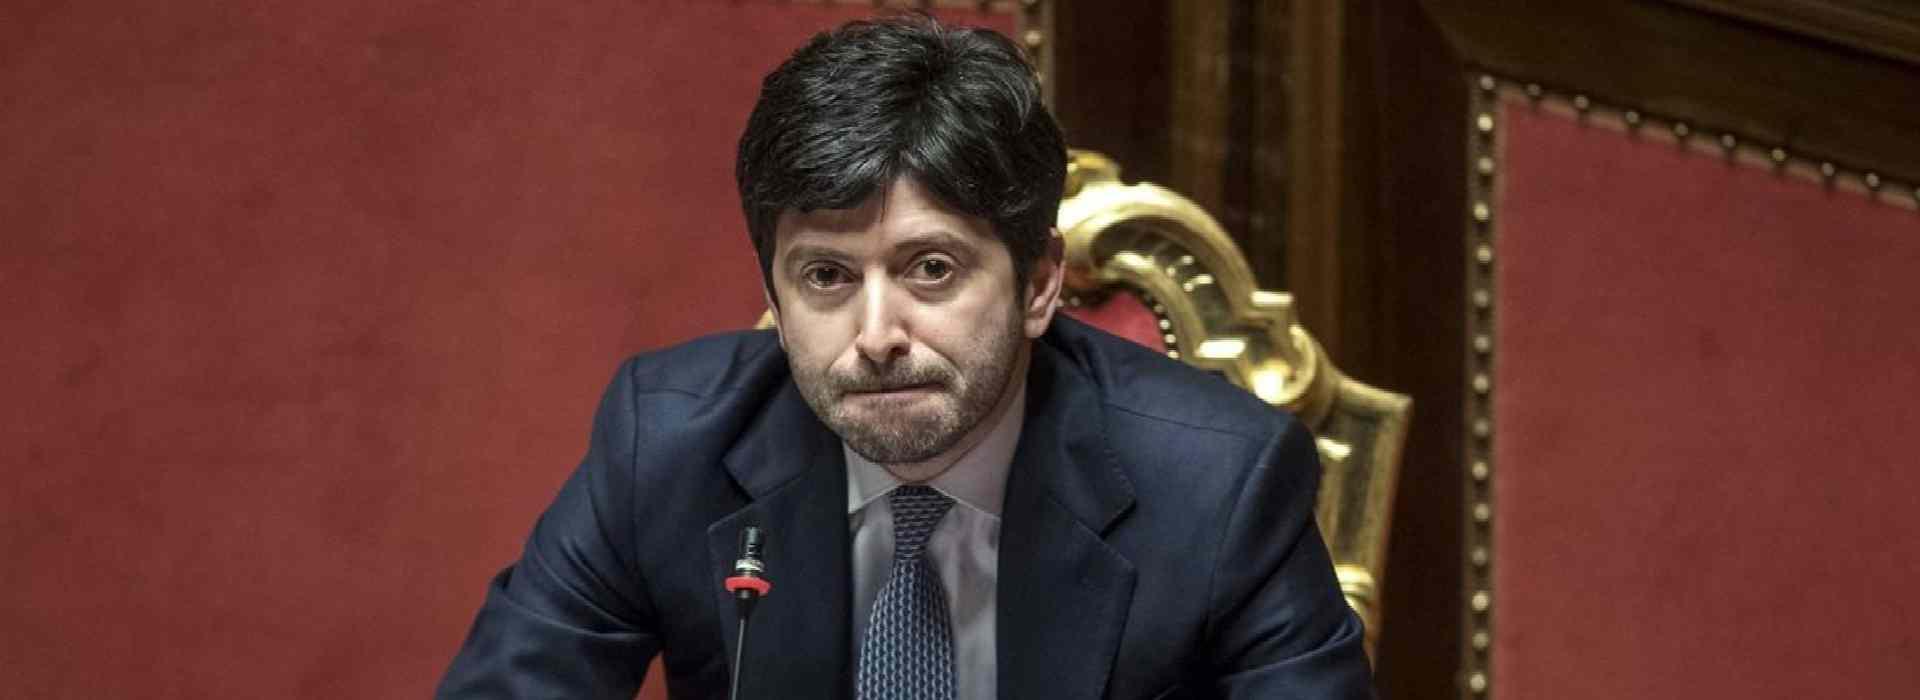 Roberto Speranza sempre più solo: abbandona anche Zaccardi. Le mail che contraddicono le versioni date sul Report